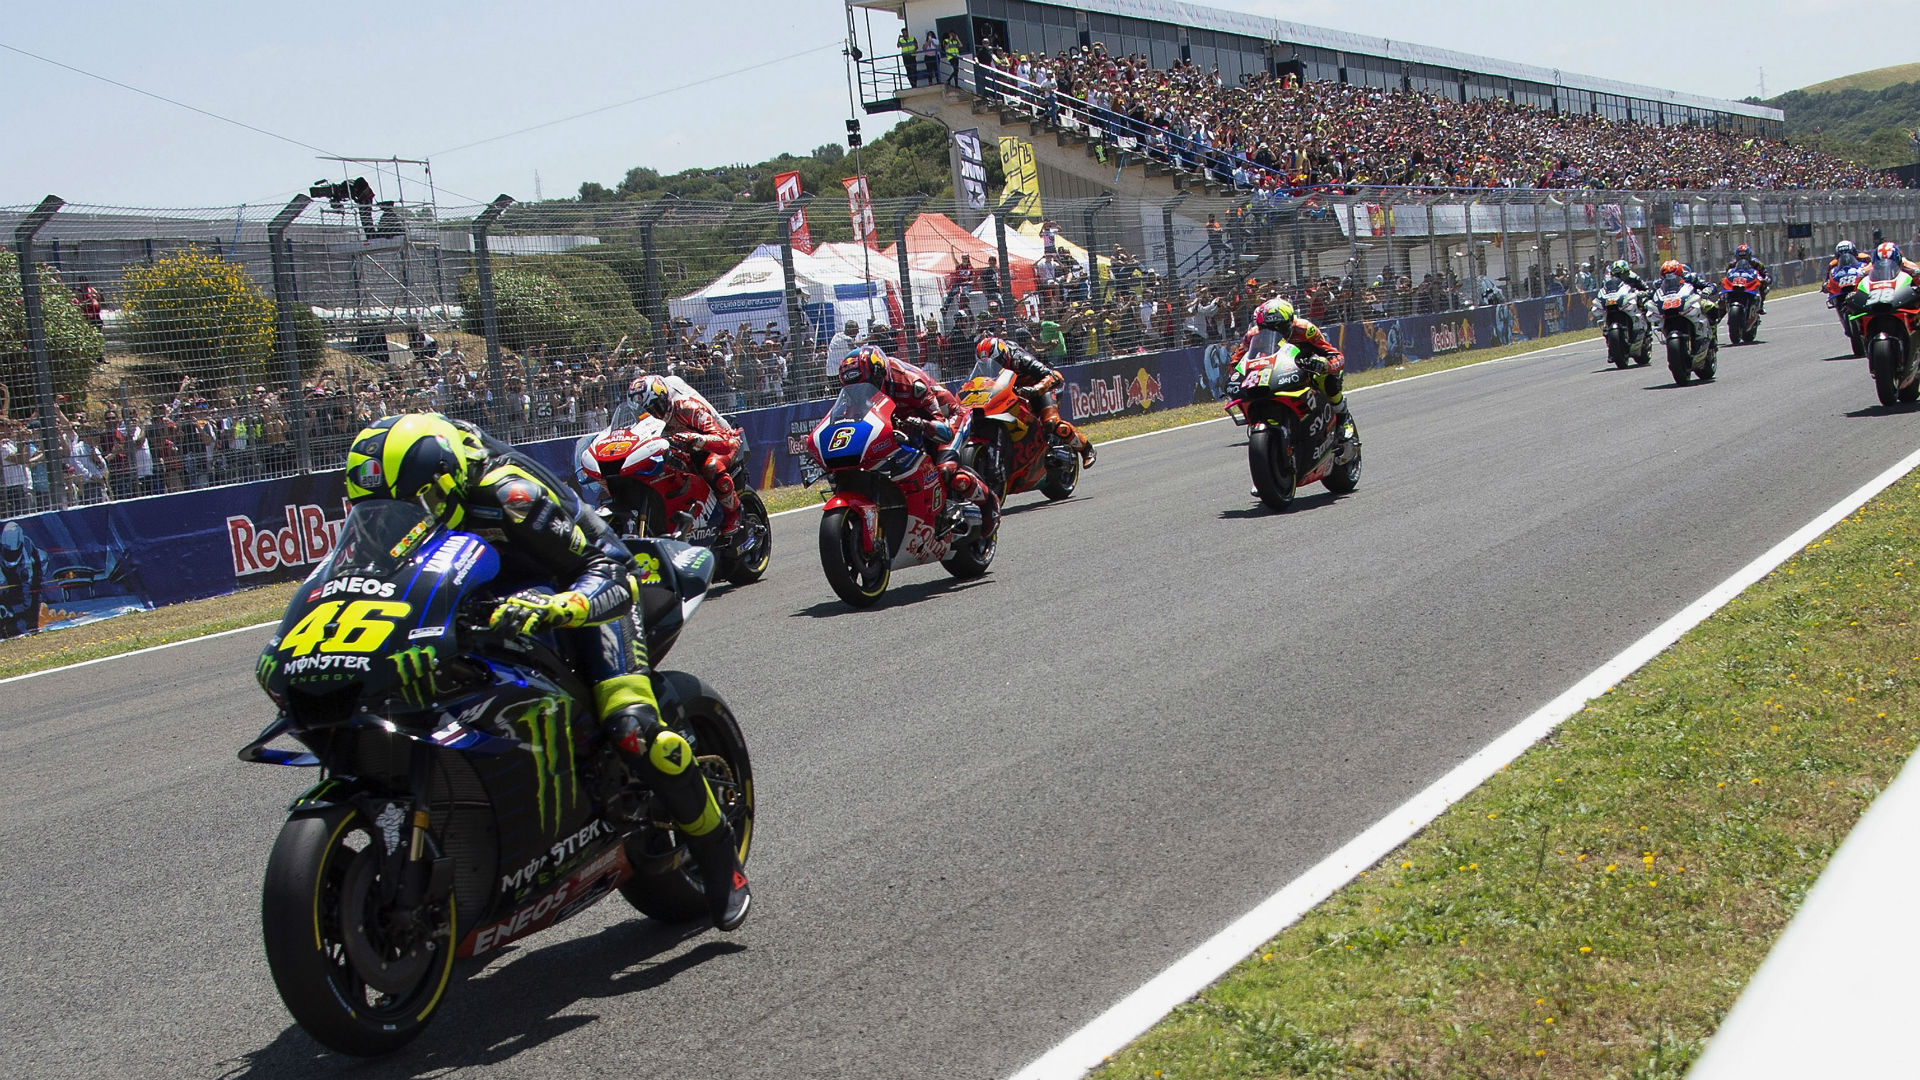 Coronavirus: MotoGP to revise 2020 calendar again as Spanish Grand Prix postponed